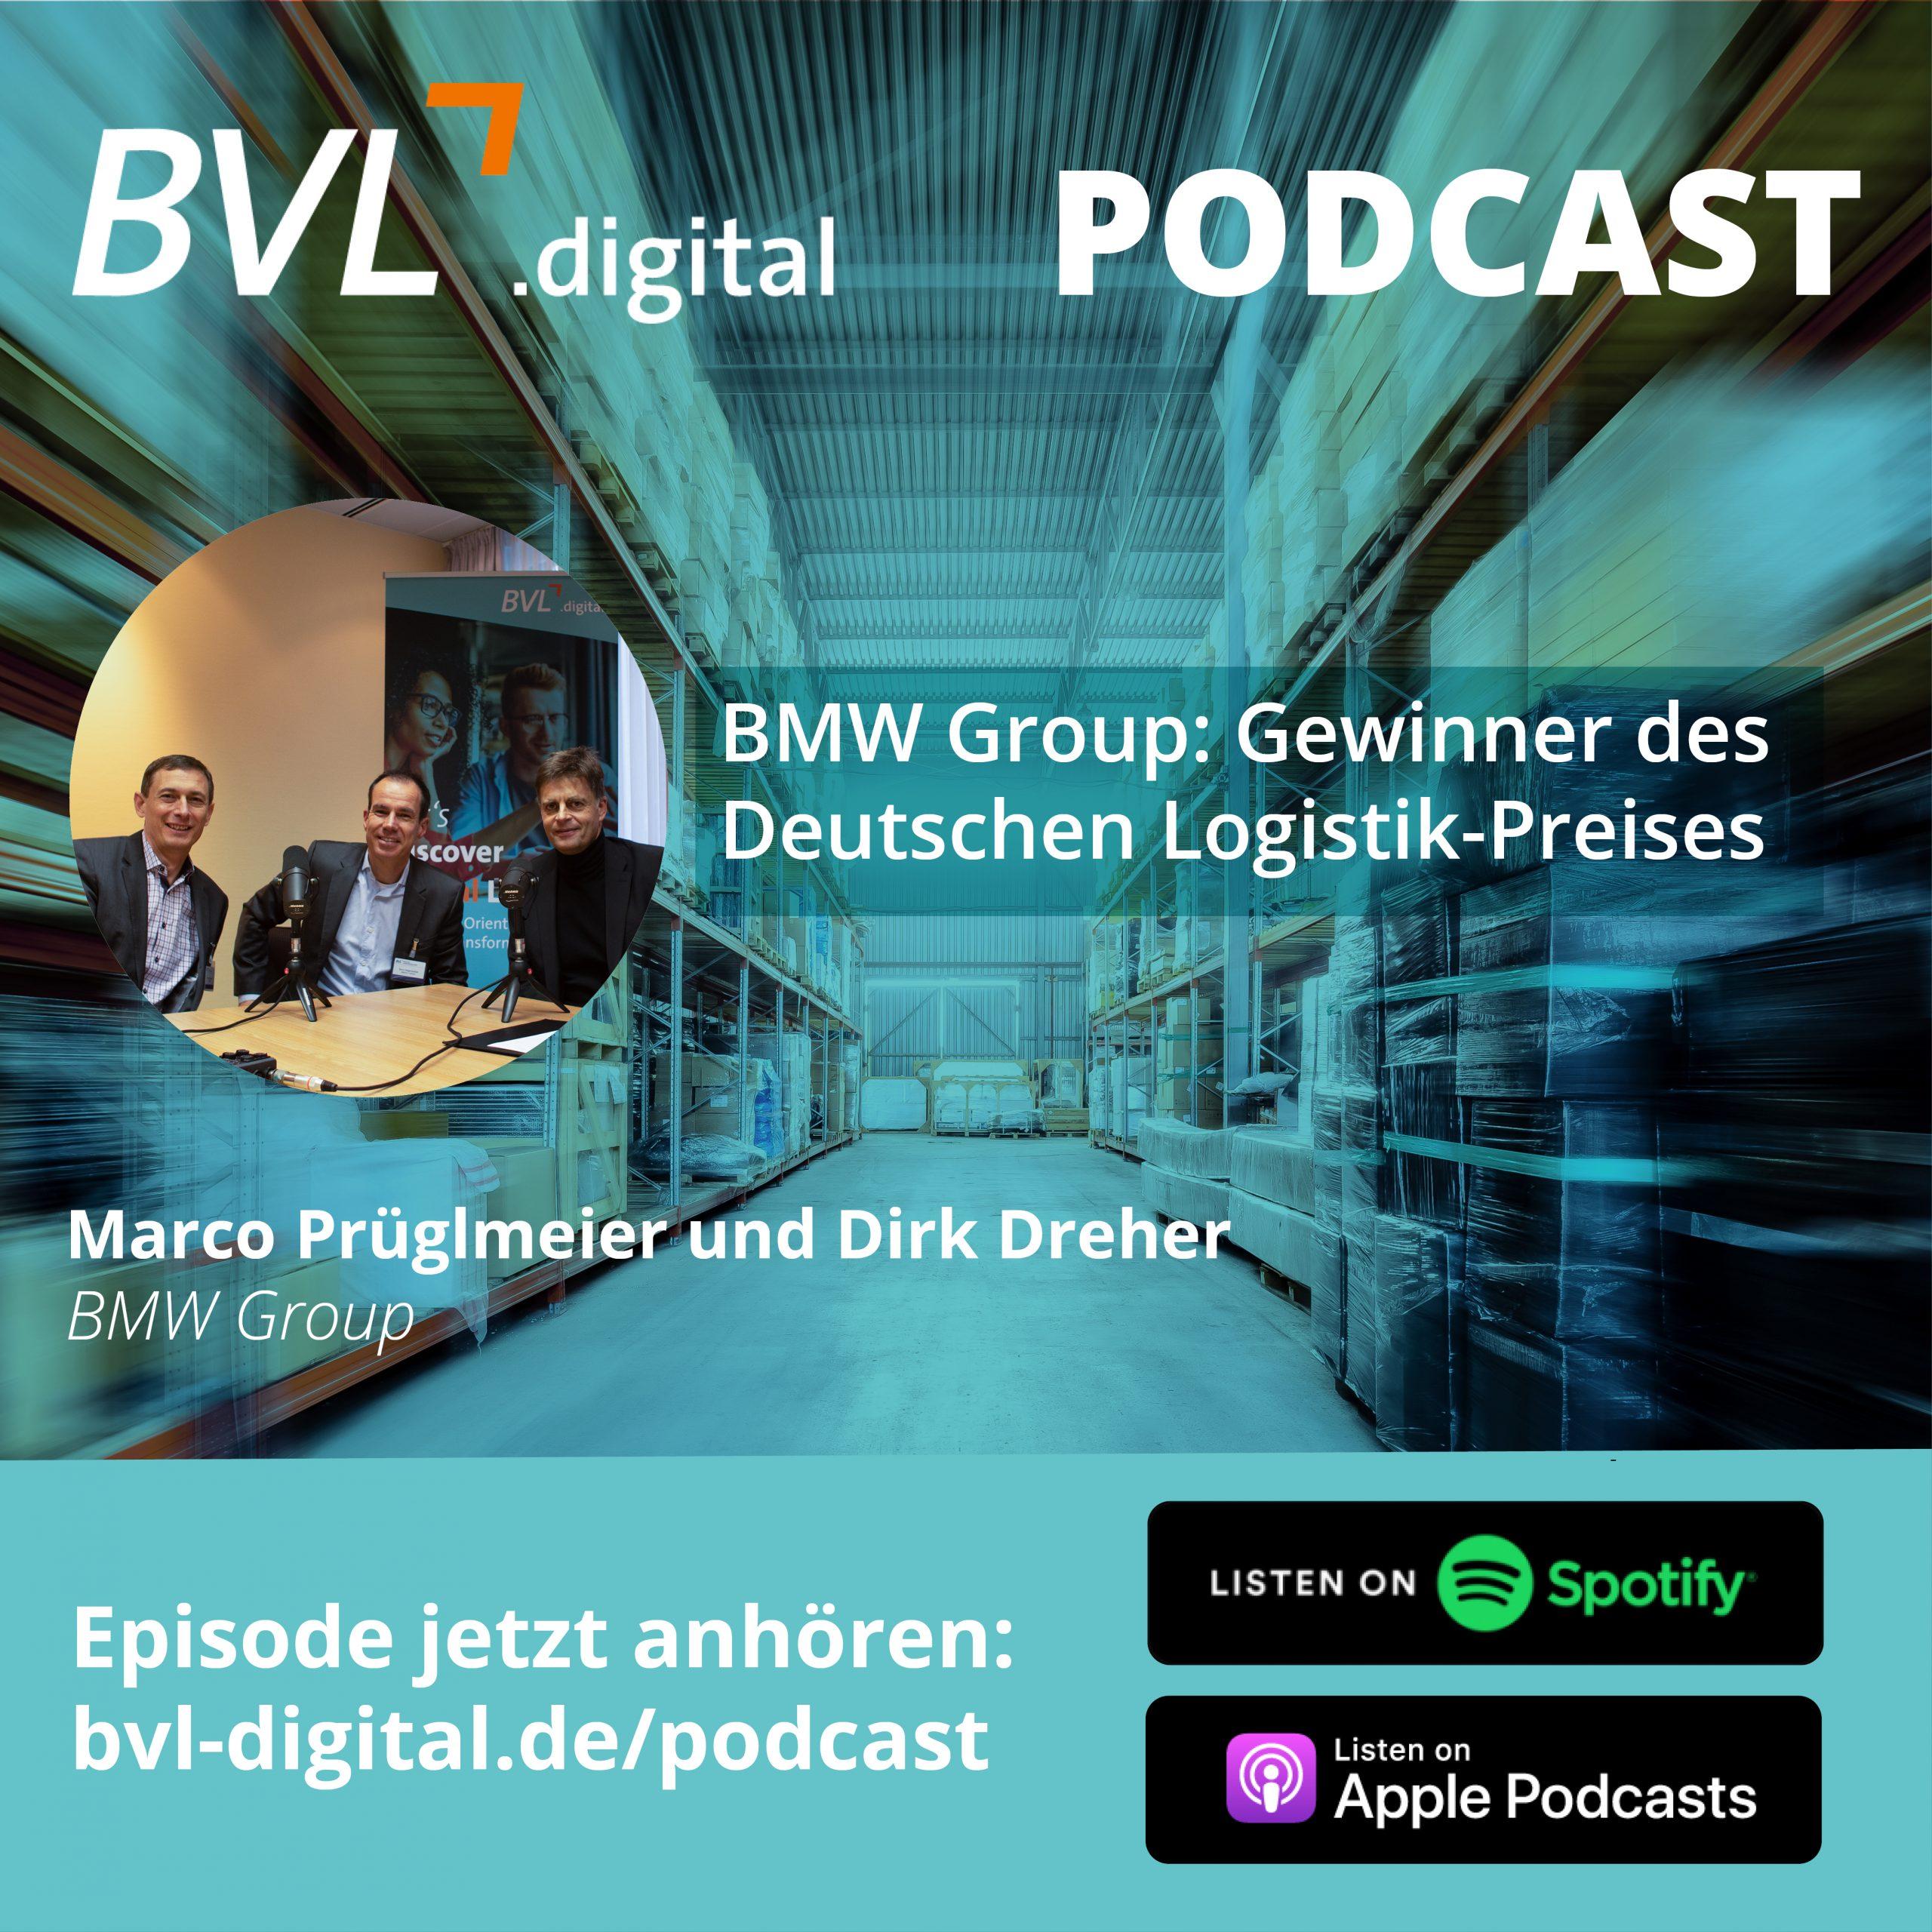 #11: BMW Group: Gewinner des Deutschen Logistik-Preises